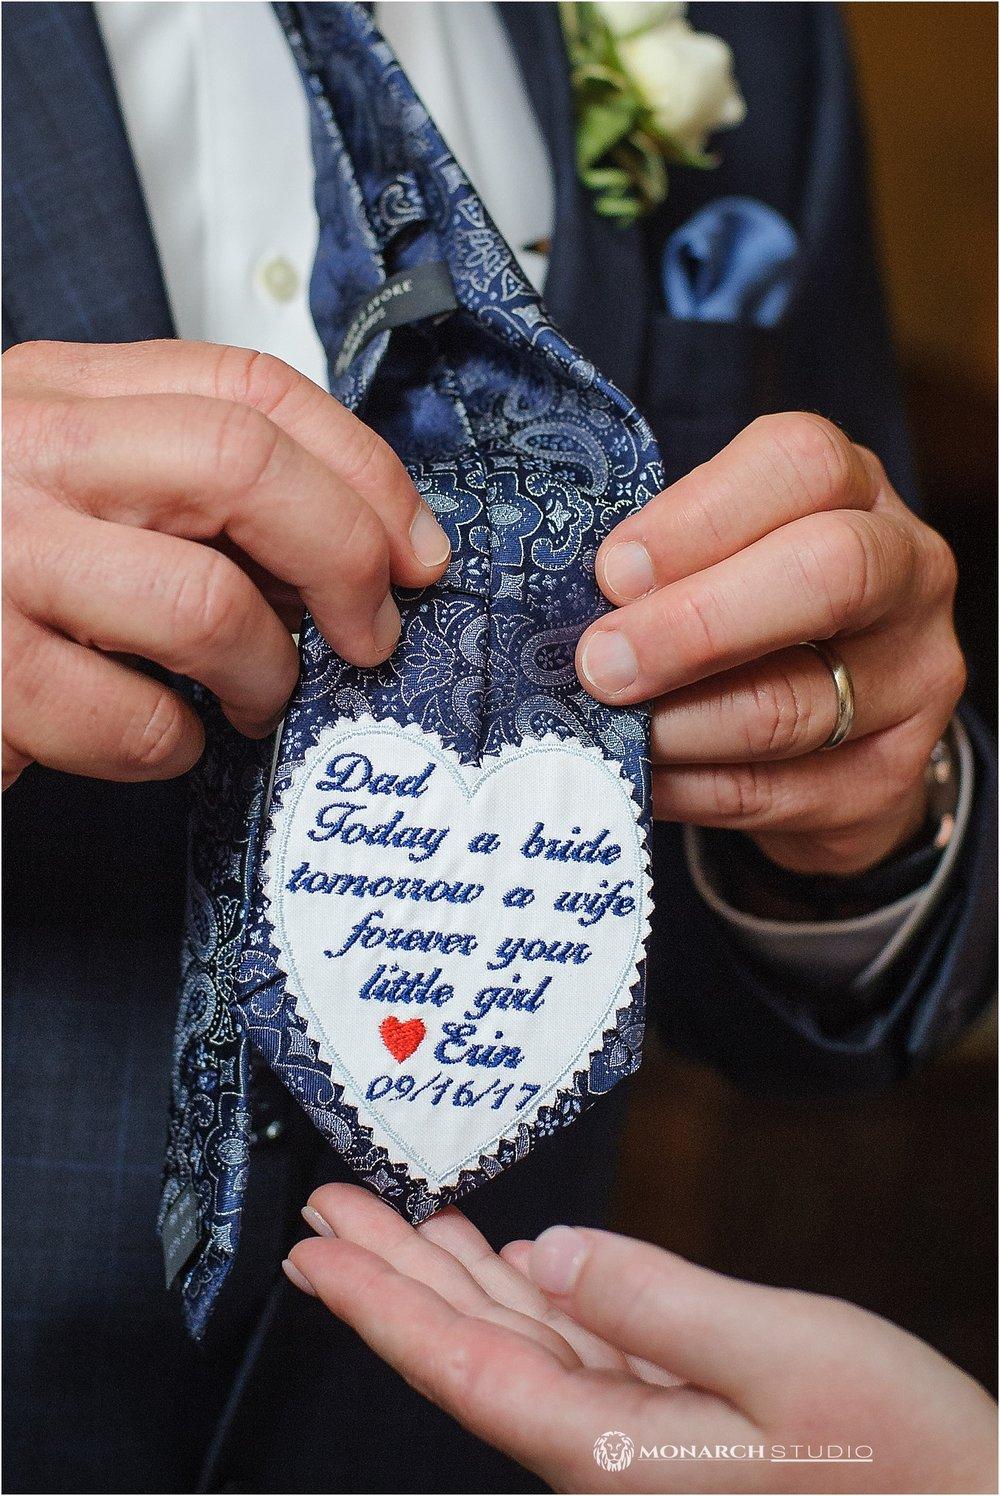 st-augustine-wedding-planner-thewedding-authority-015.jpg